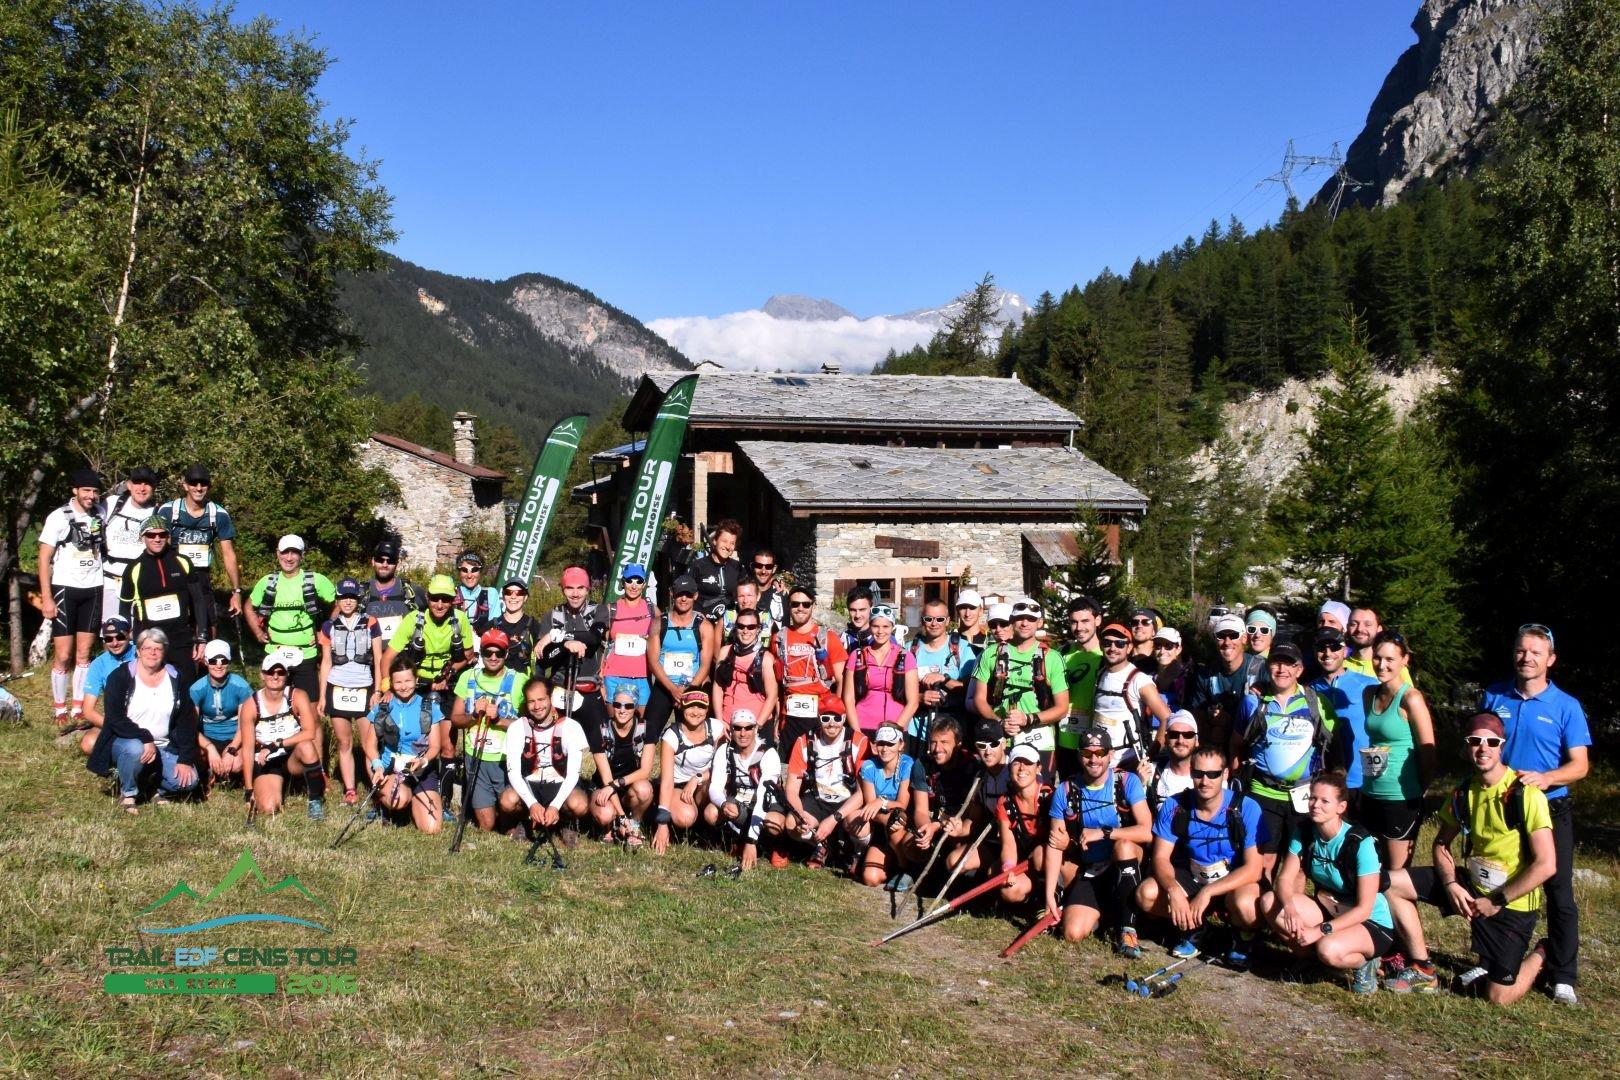 Trail EDF Cenis Tour bivouac